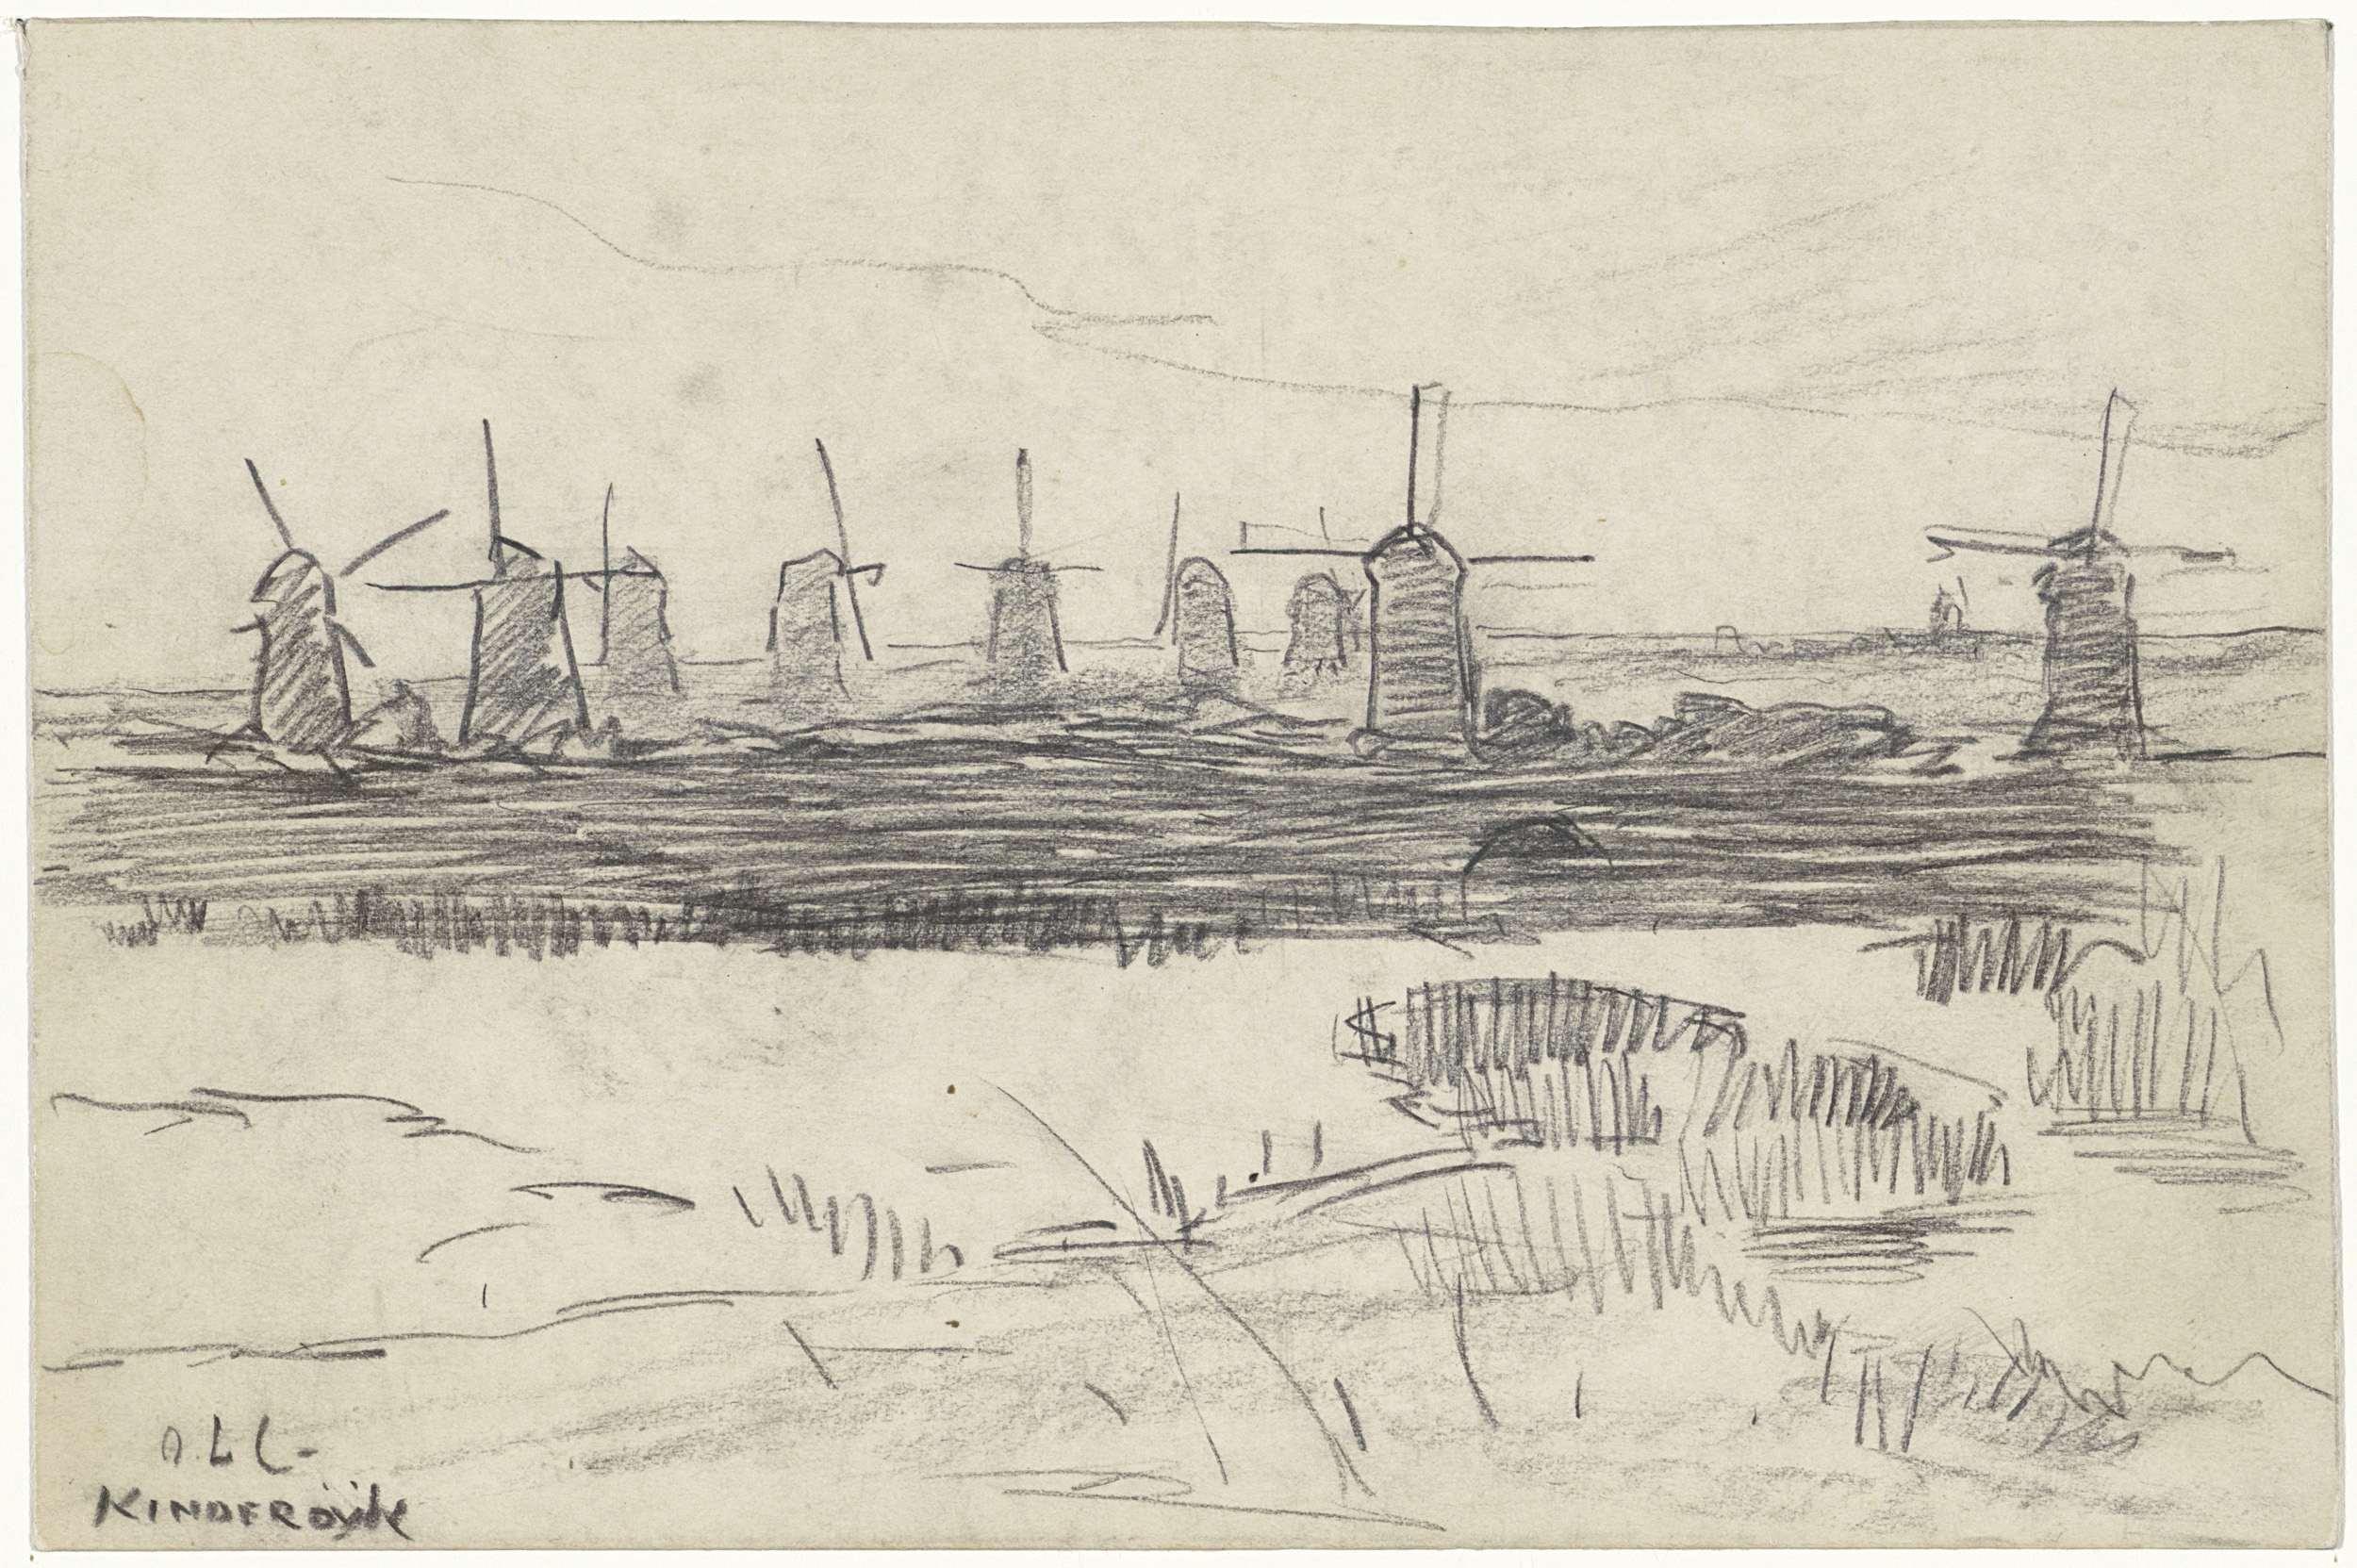 Adolf le Comte, Windmolens bij Kinderdijk, 1860 - 1921, tekening, Rijksmuseum